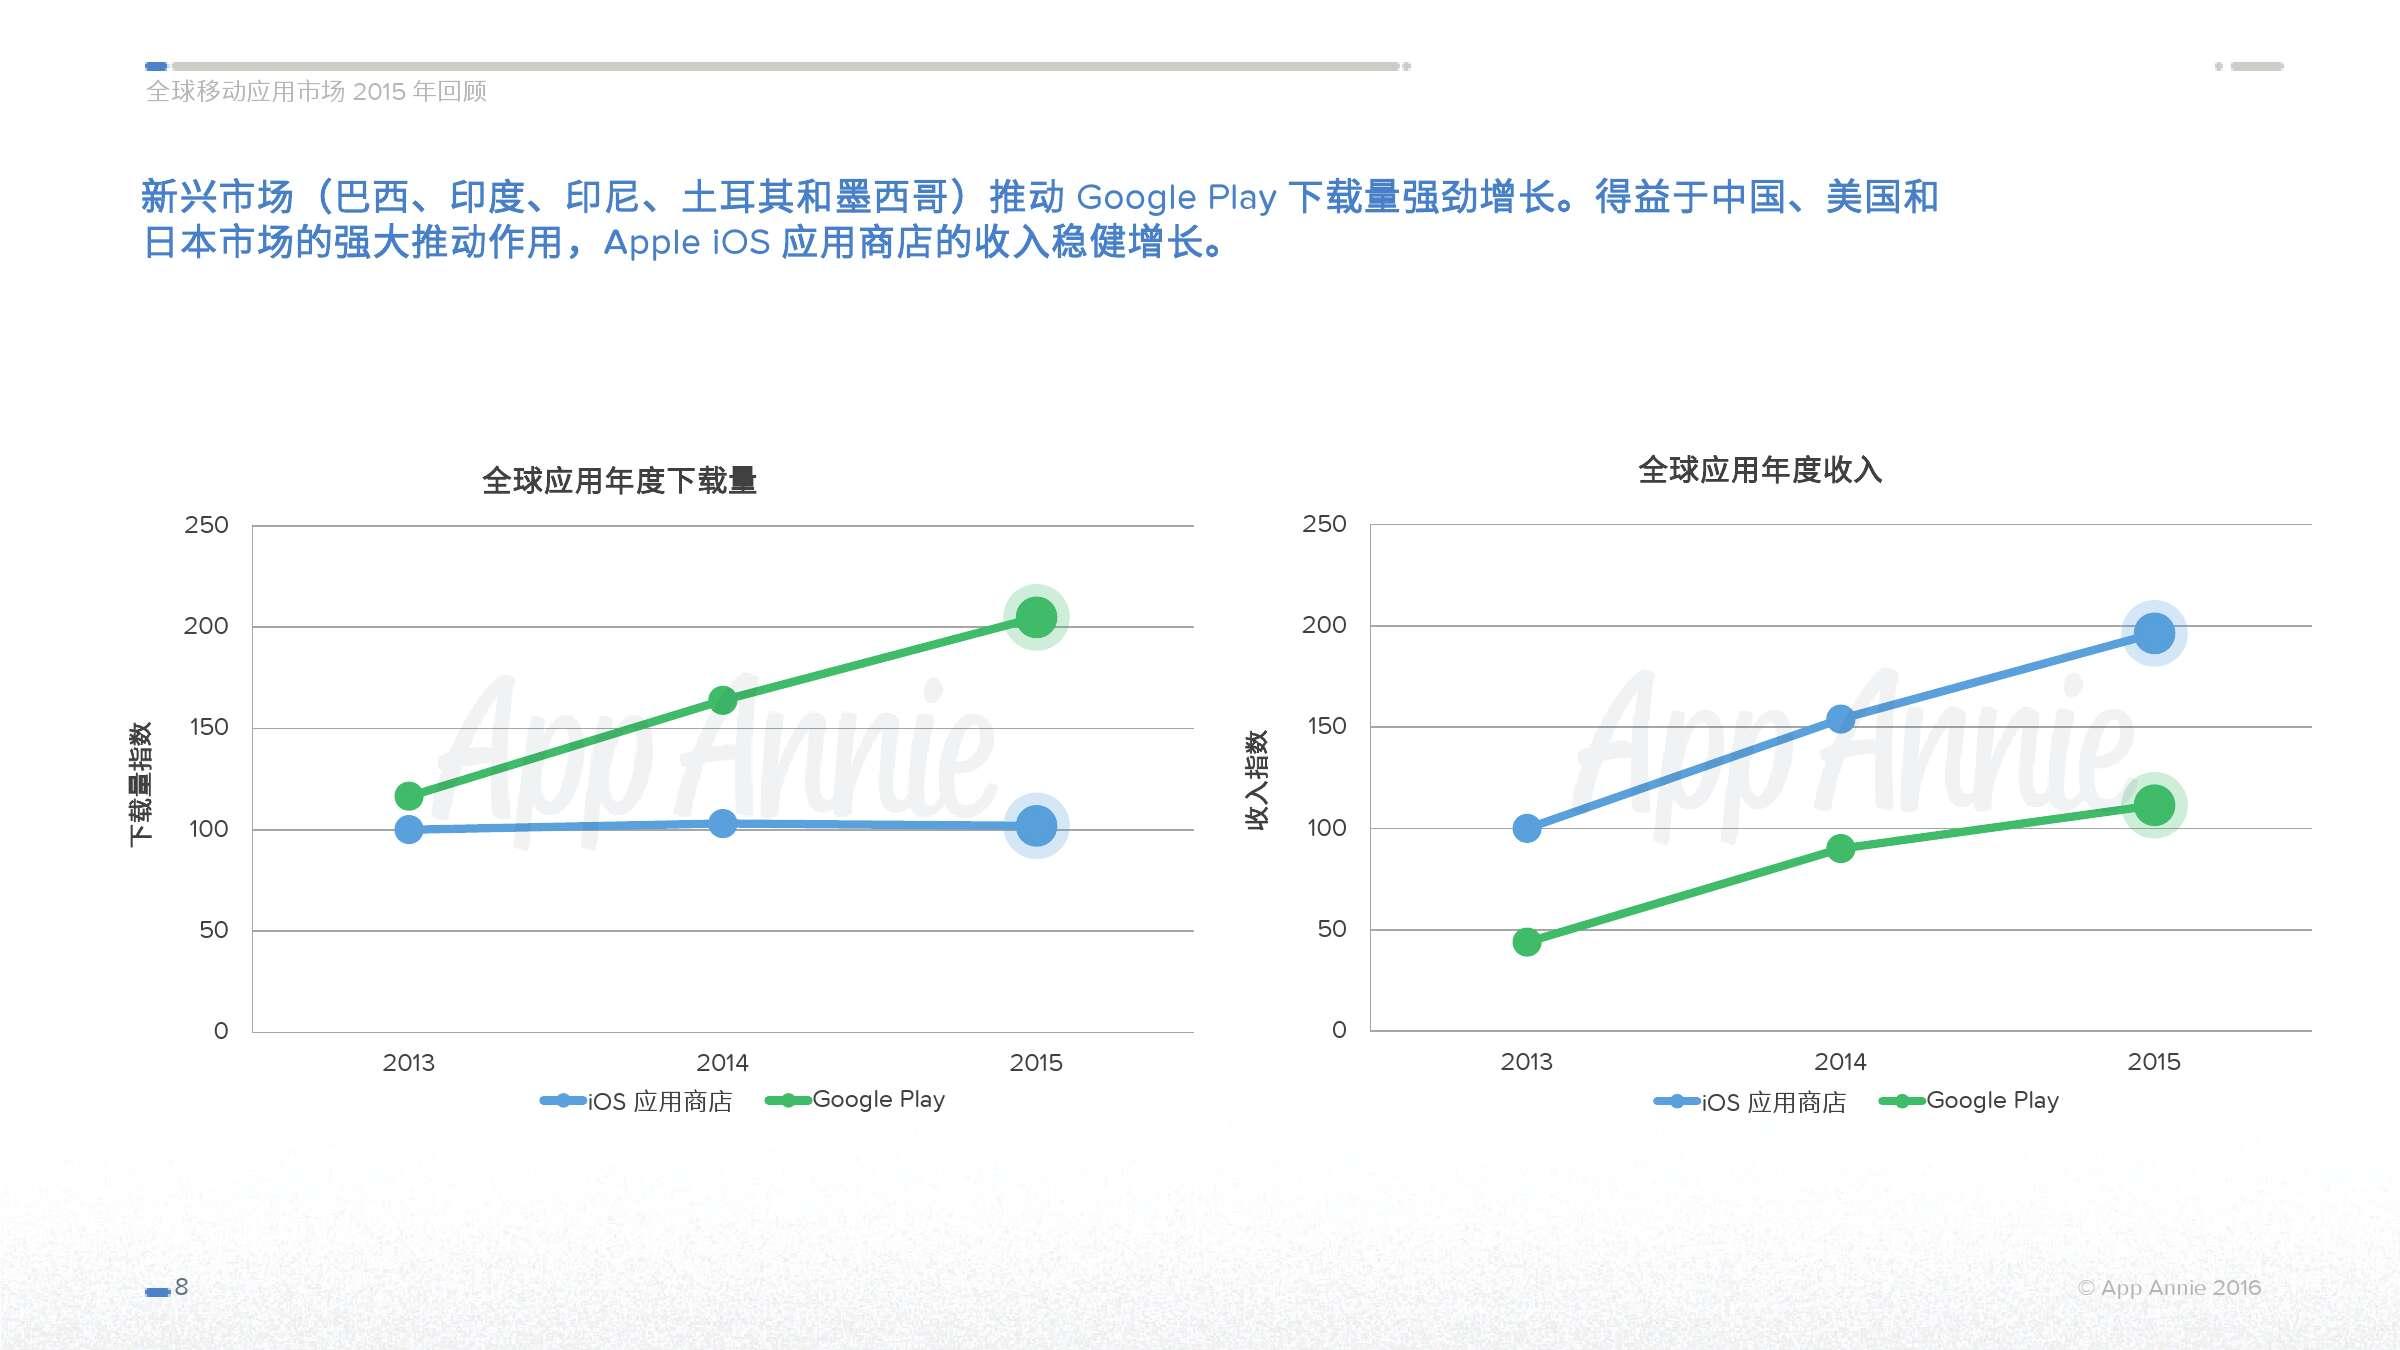 App Annie 全球移动应用市场 2015 年回顾_000008